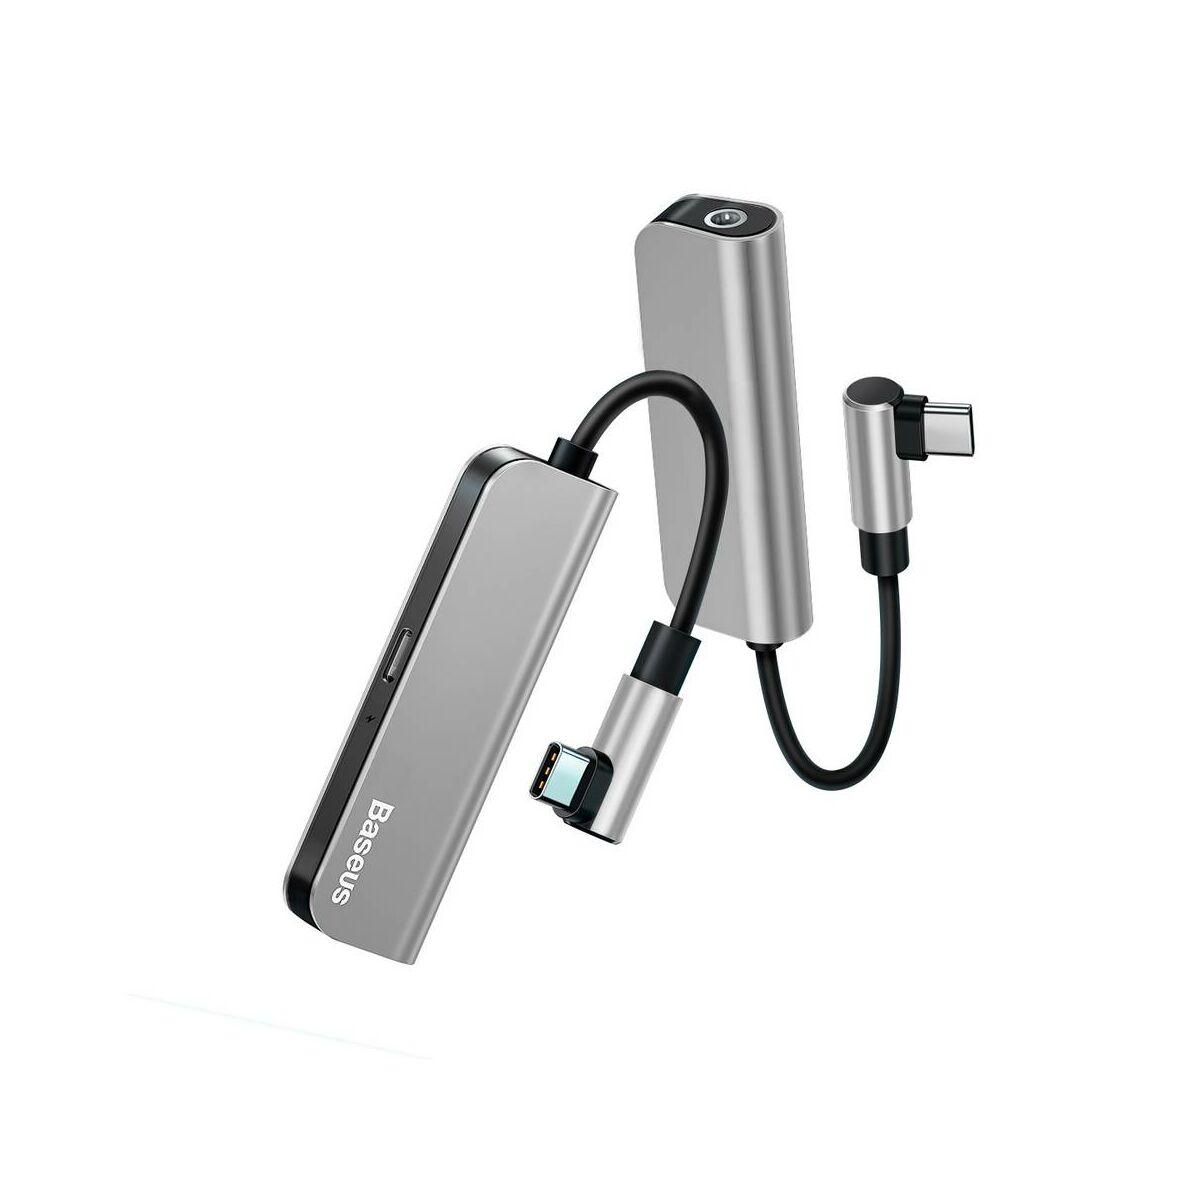 Baseus átalakító, L53 Type-C [apa] - Type-C 3.5 mm [anya] adapter, ezüst/fekete (CATL53-S1)